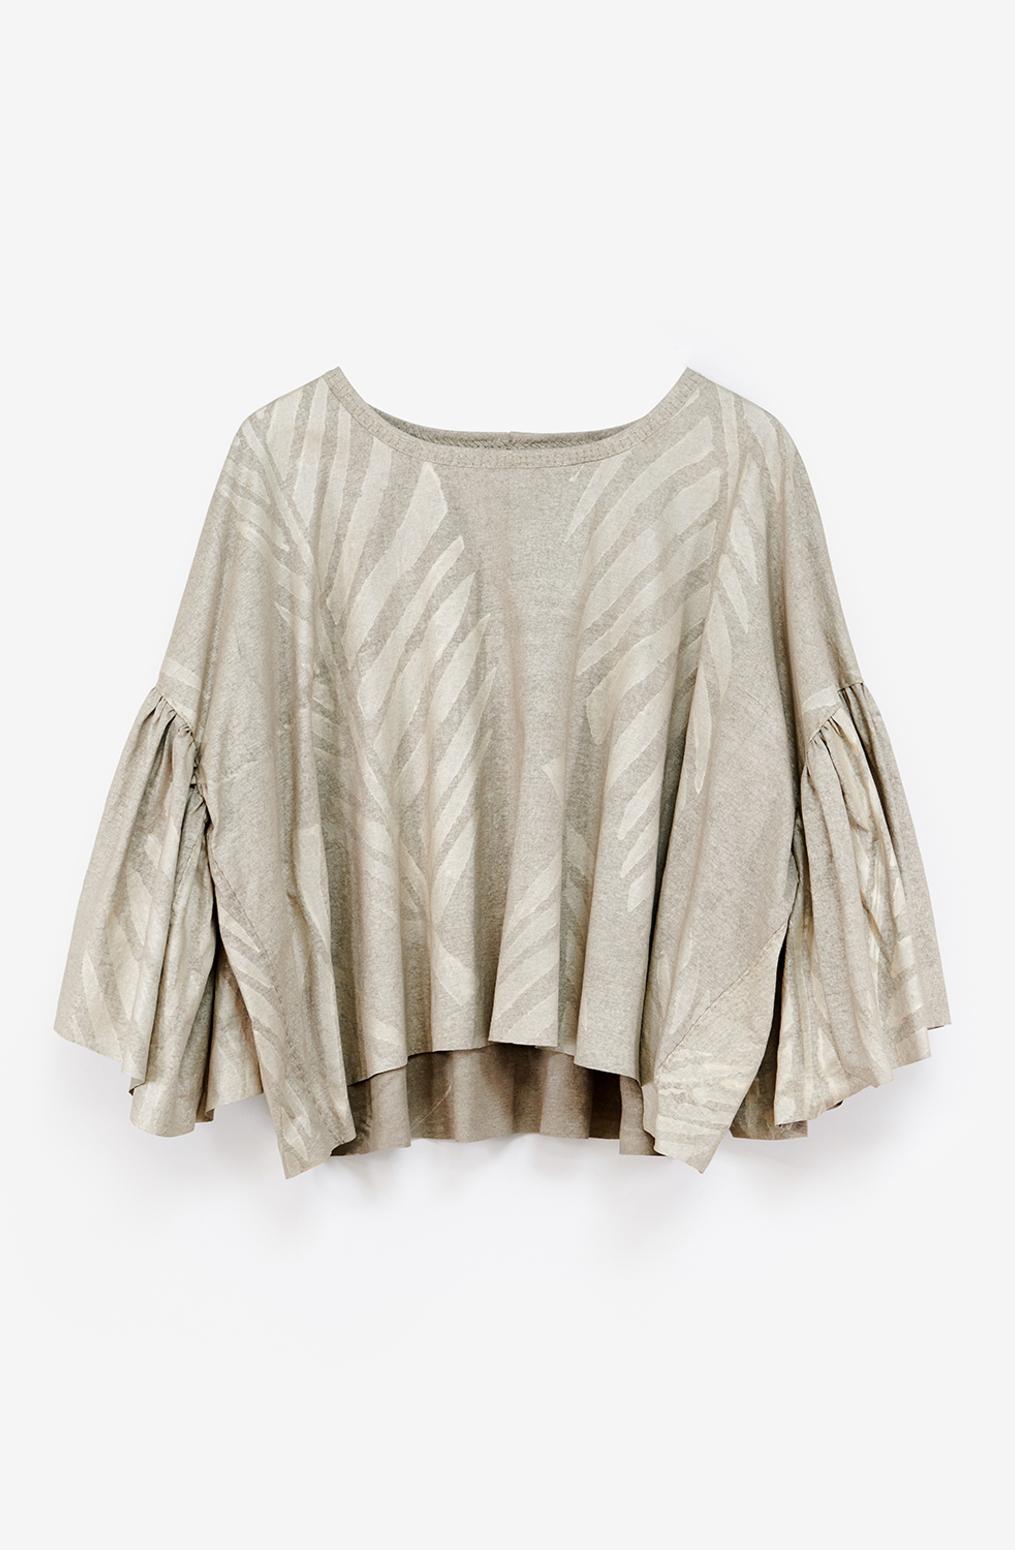 Alabama chanin metallic shirred womens hand sewn top 4